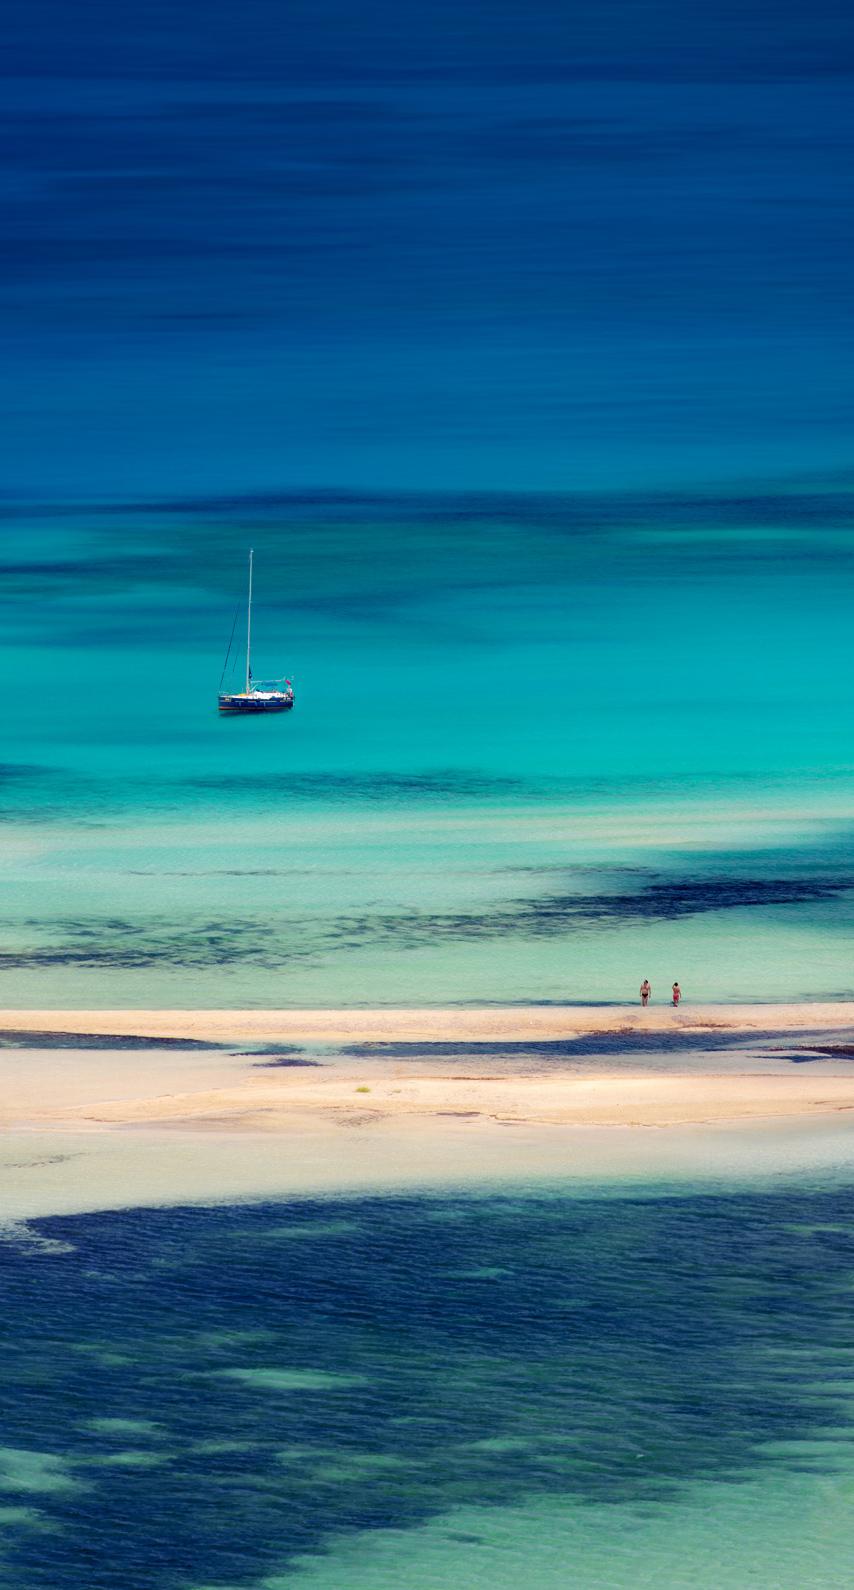 daytime, coastal and oceanic landforms